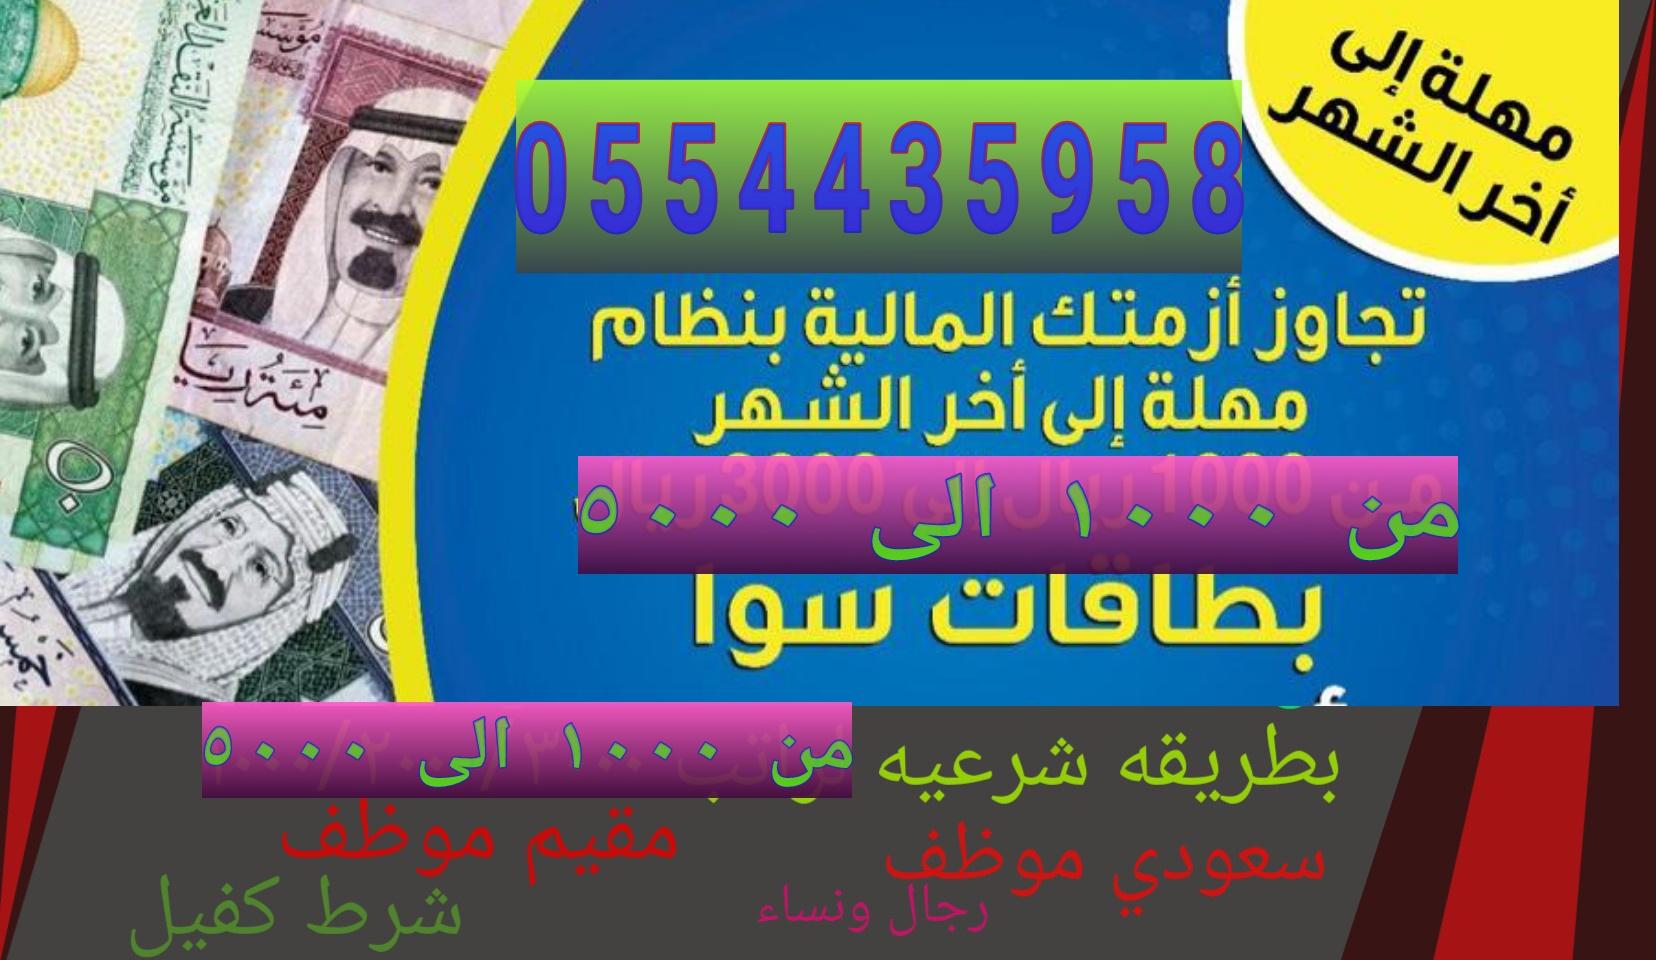 الراتب بالرياض 0554435958 بطاقات للراتب